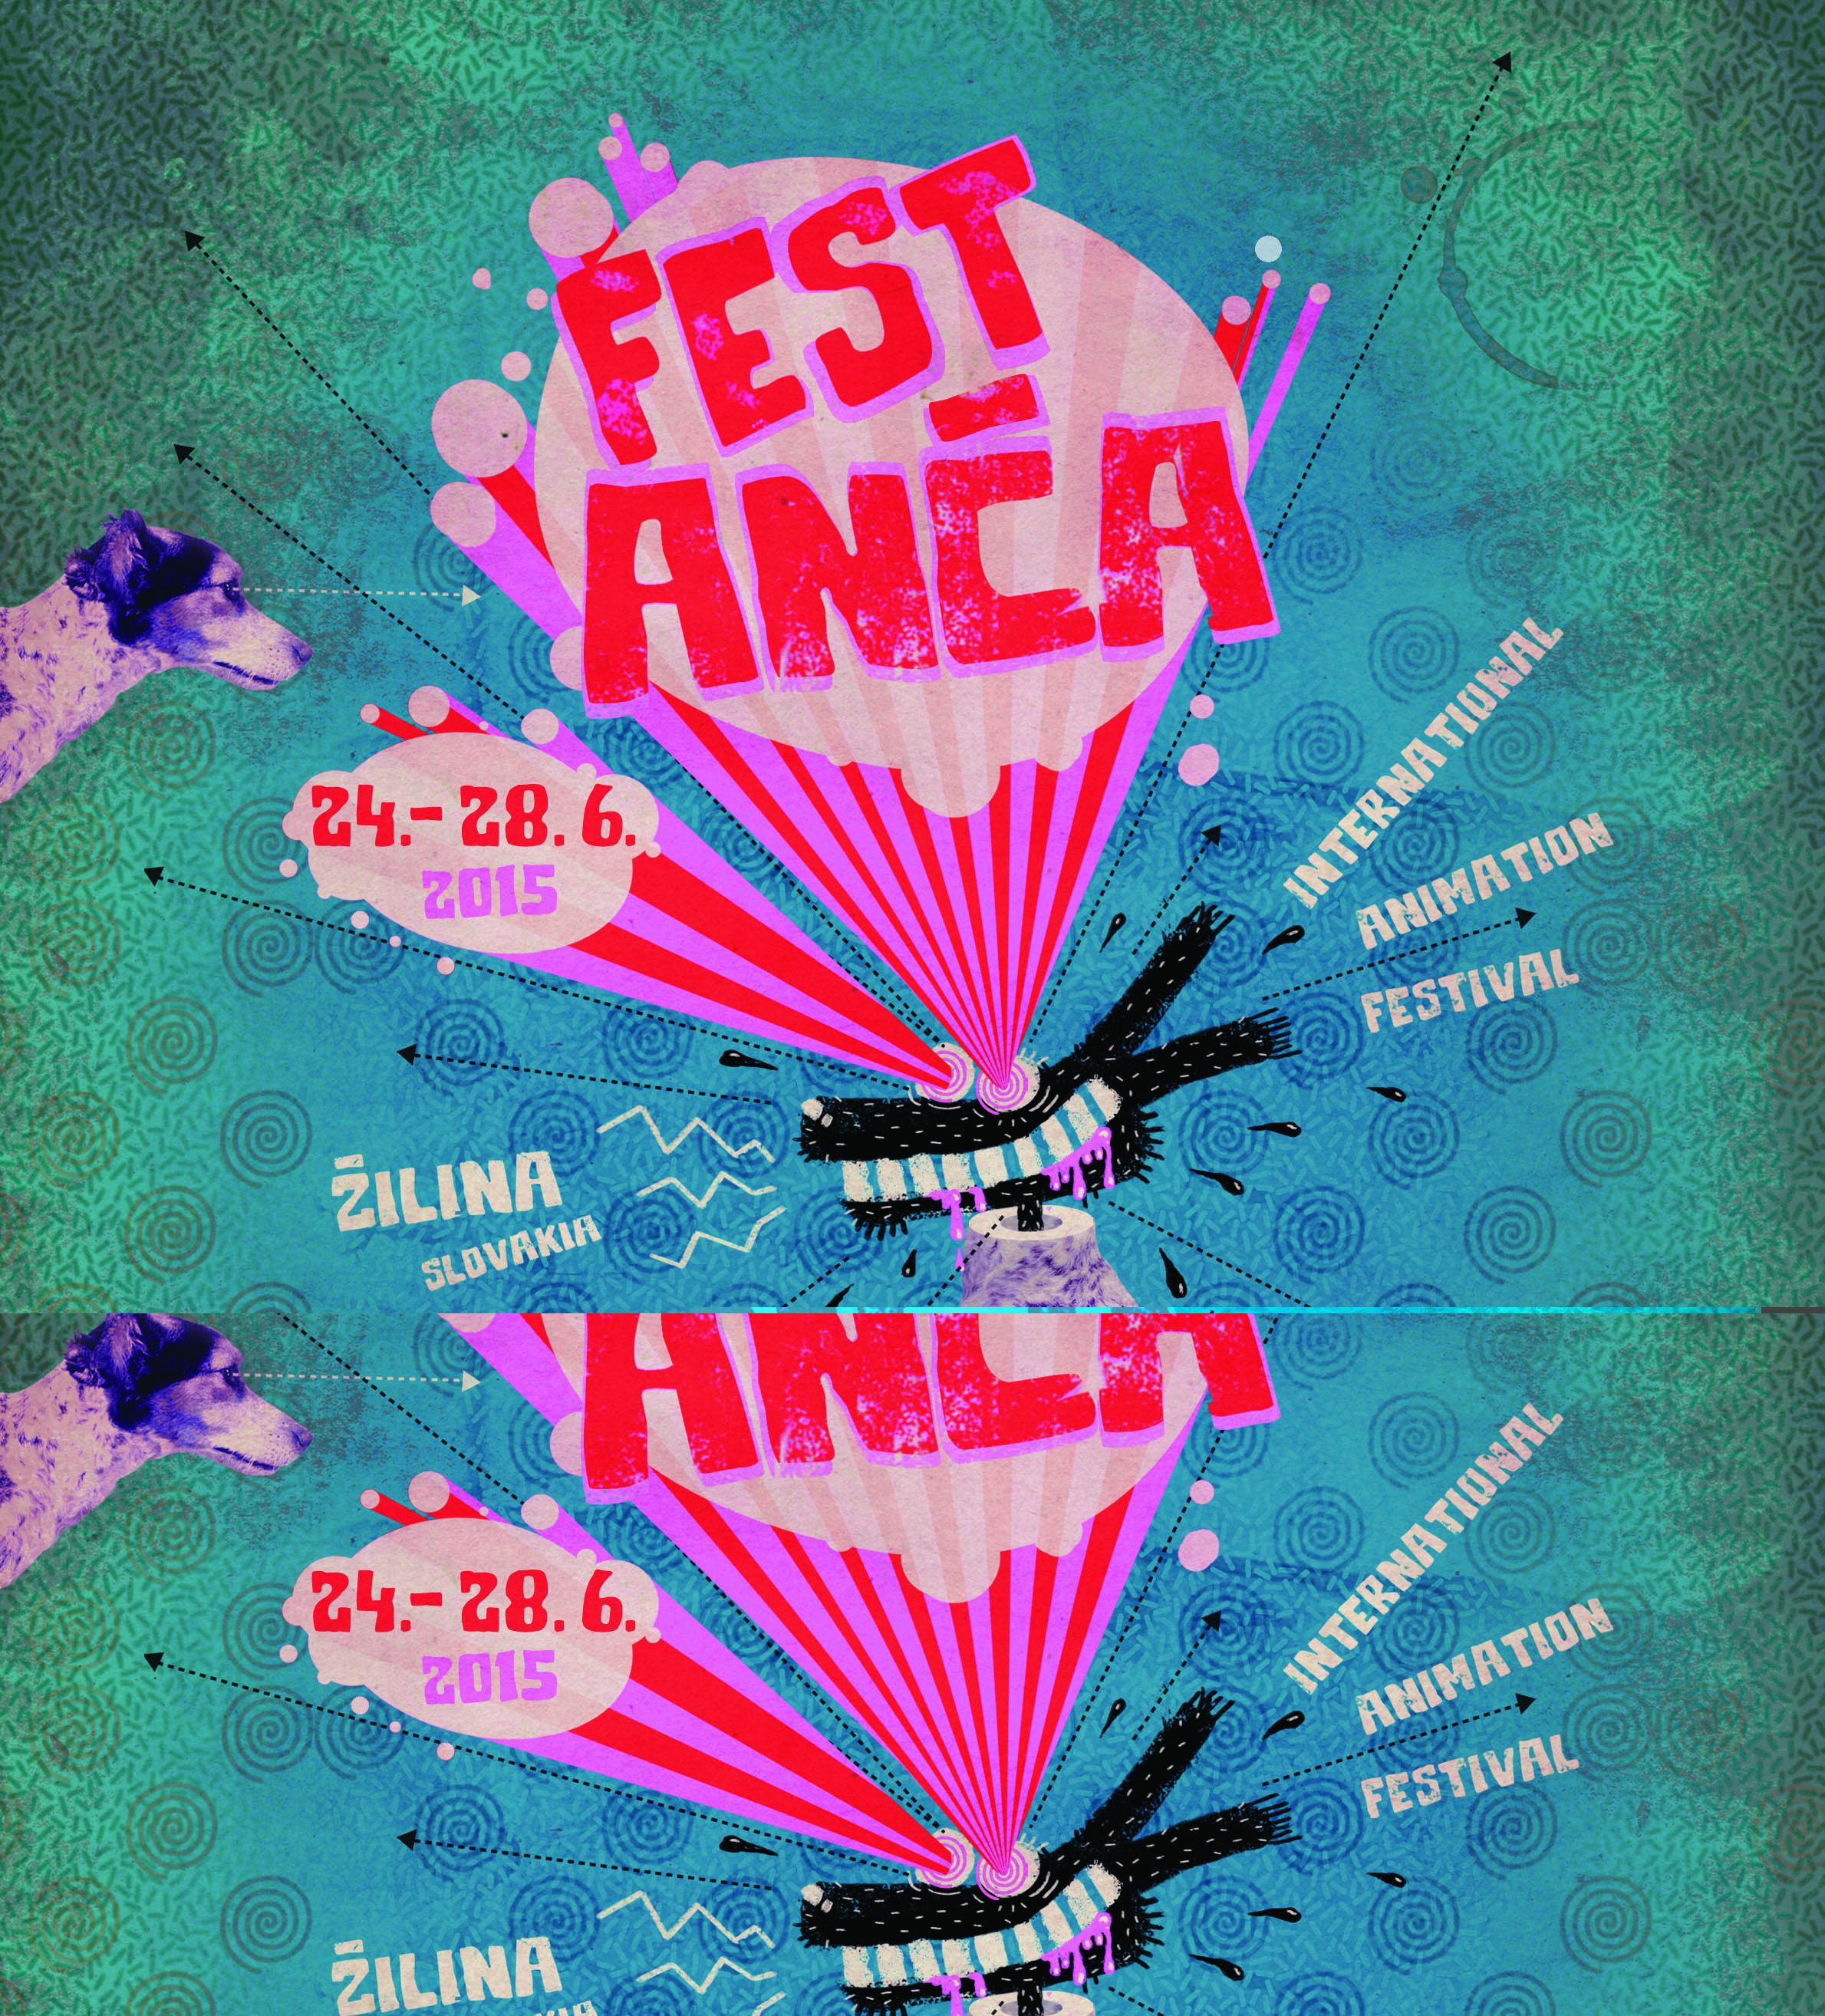 Predstavujeme výber slovenských filmov v súťaži Fest Anča